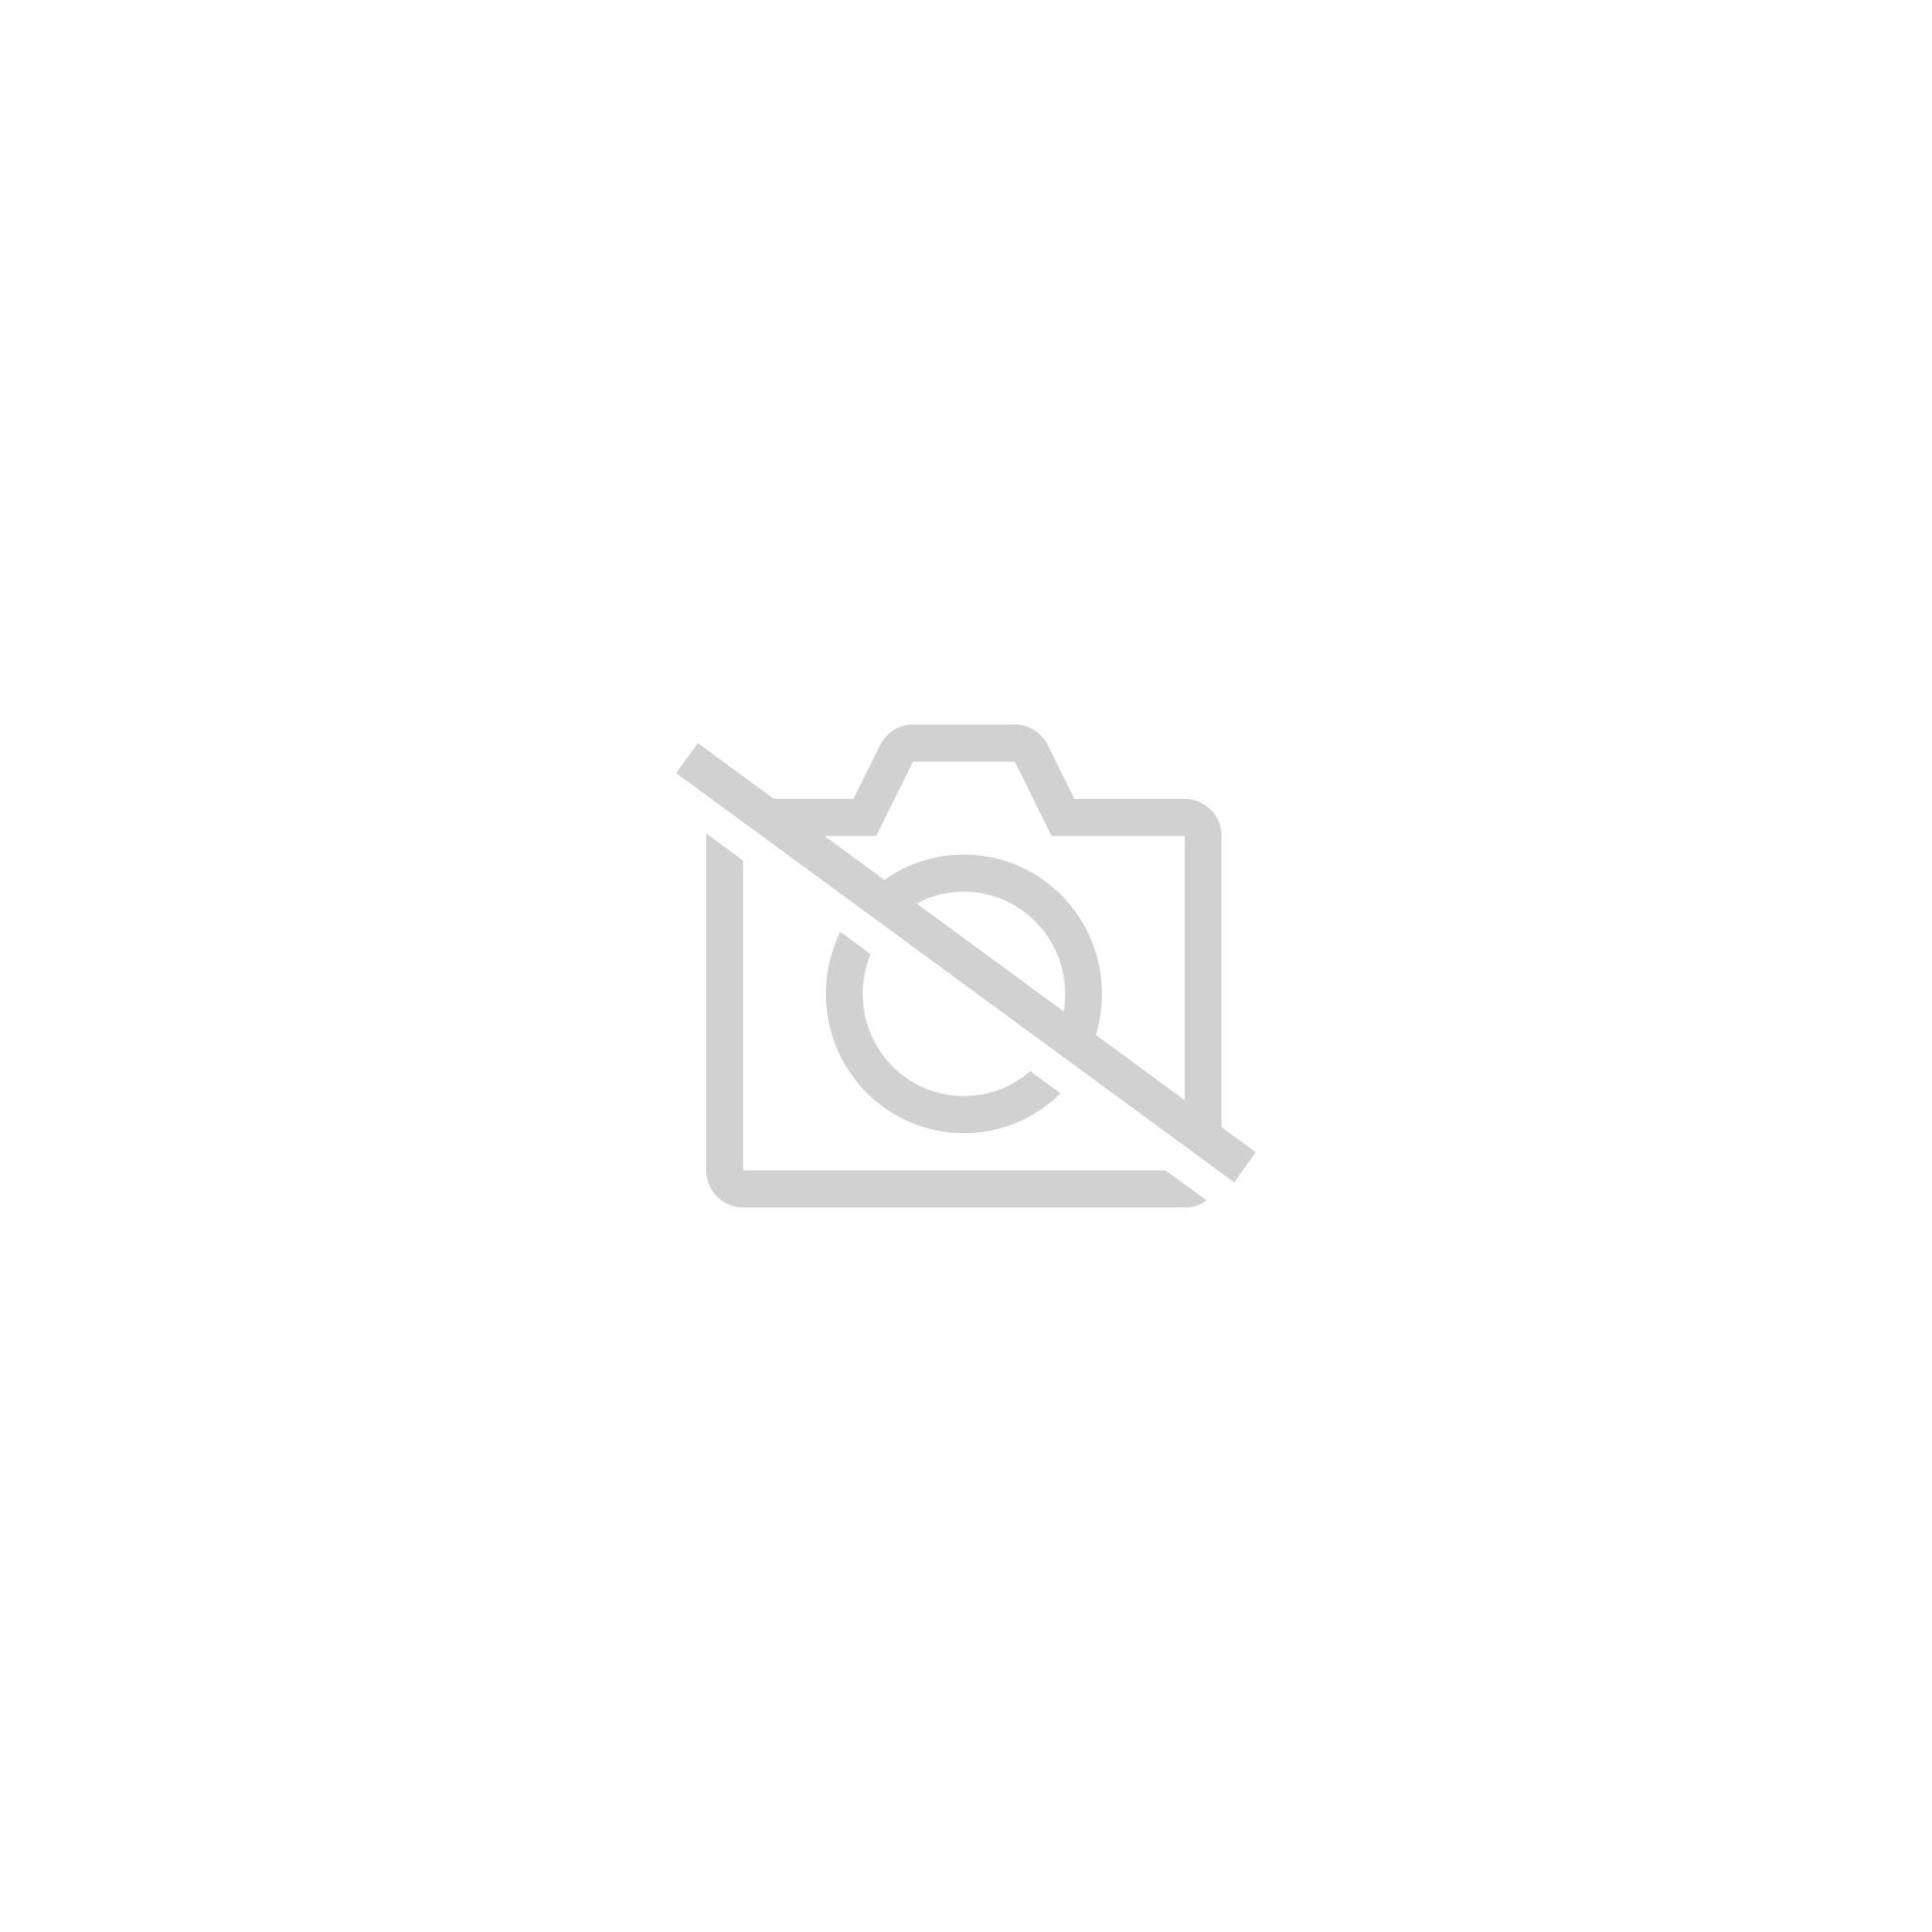 Cube De Rangement Violet - Couleur : Violet - Taille : 31 X 31 X 31 Cm